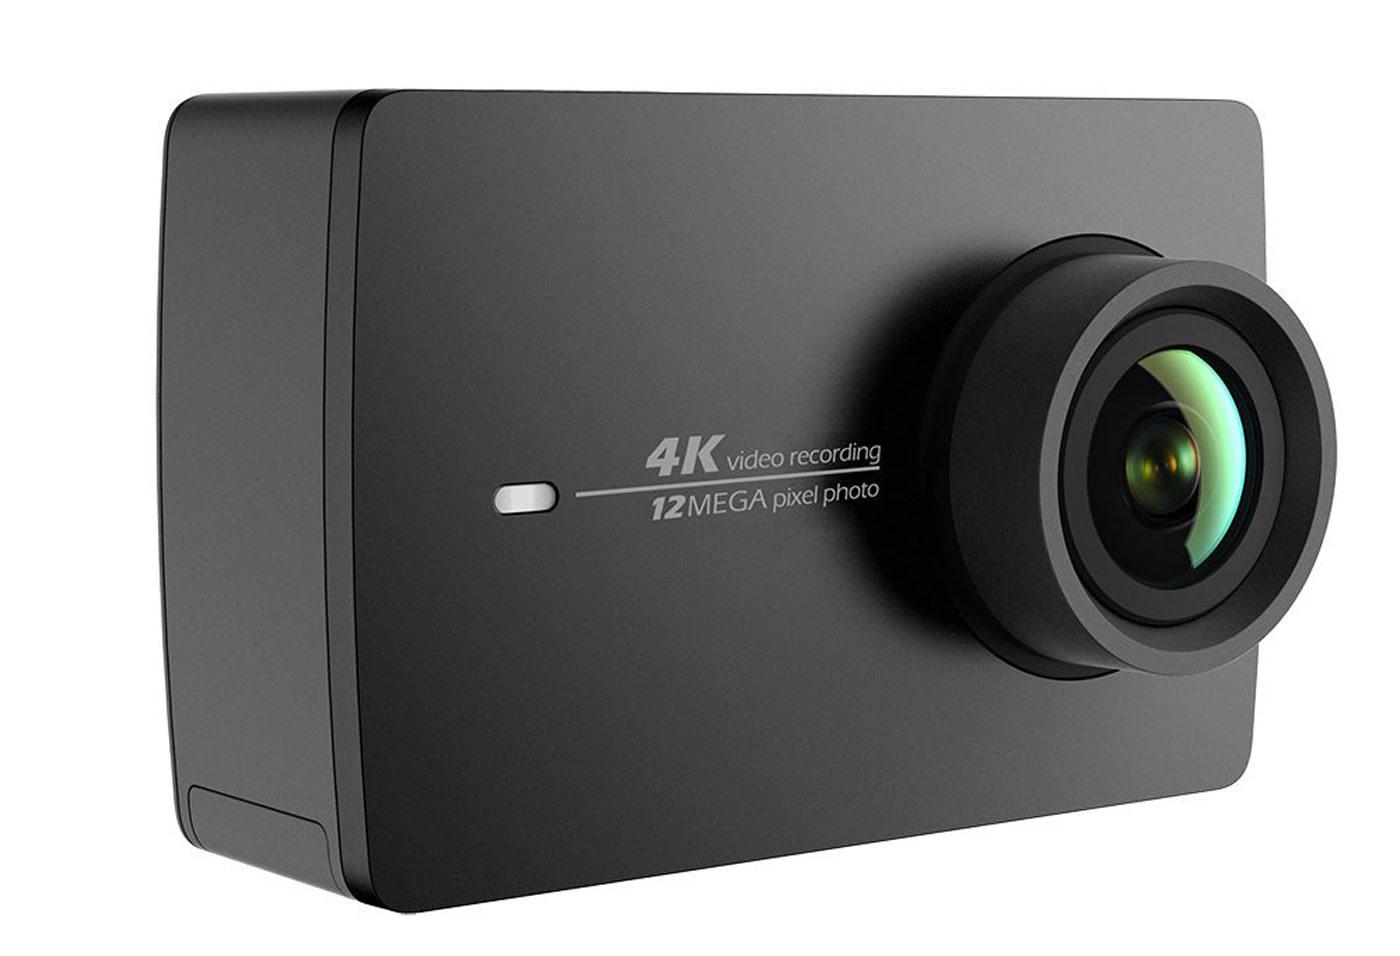 La próxima cámara de acción de Yi promete video 4K a 60 fps